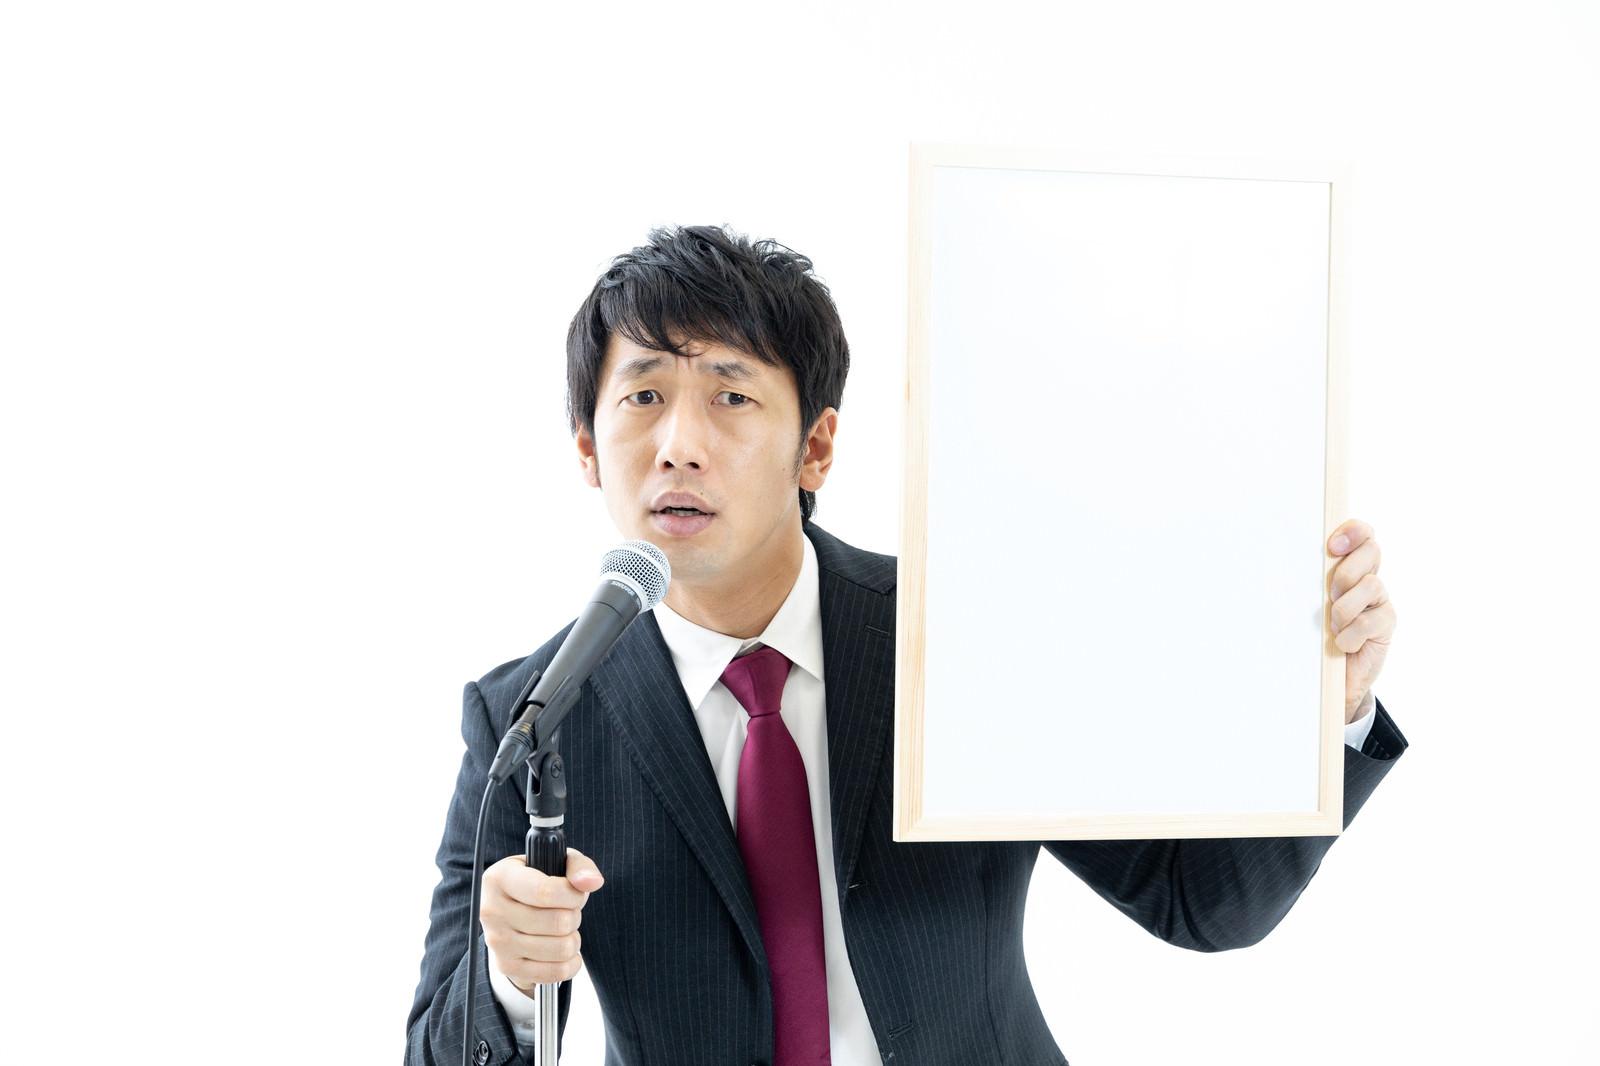 「記者の辛辣な質問にヒートアップする政治家」の写真[モデル:大川竜弥]